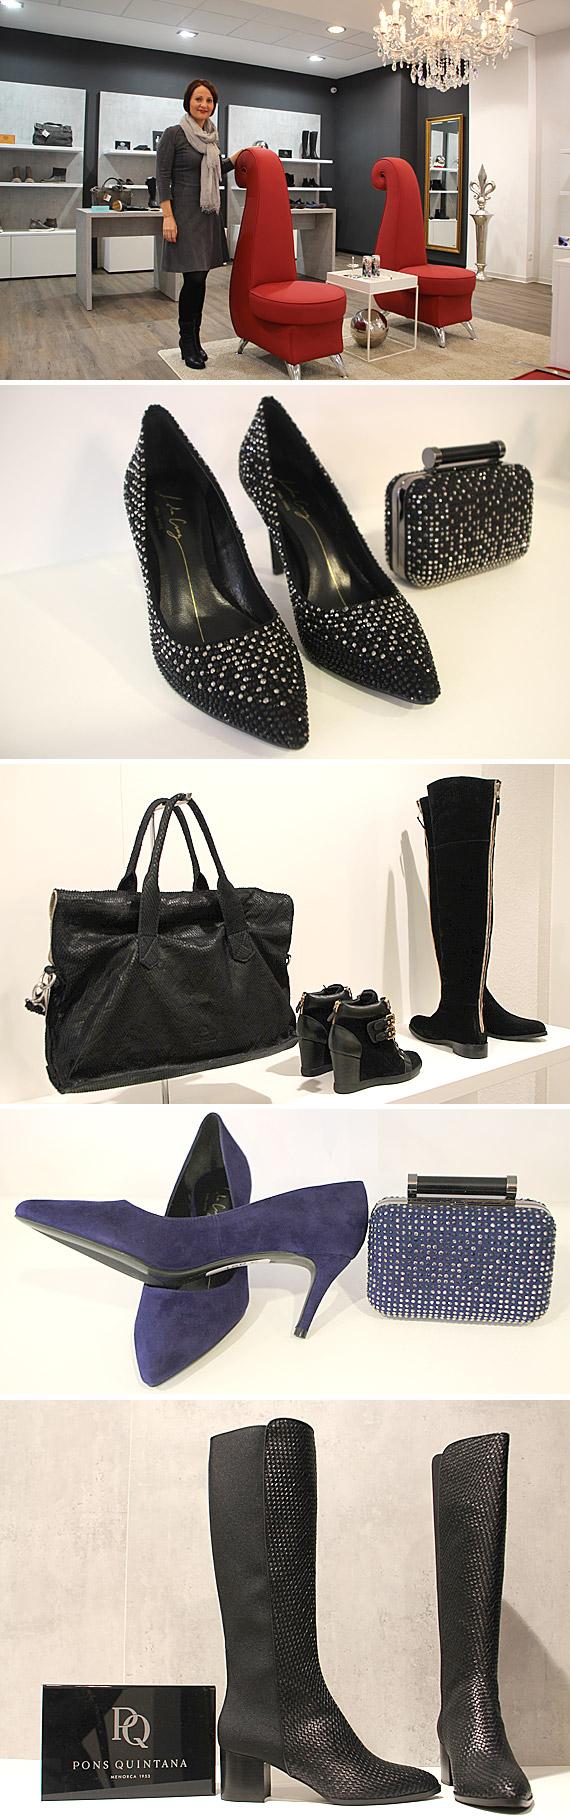 Die Leidenschaft für Schuhe teilt Sabine Schrewe mit vielen Frauen.